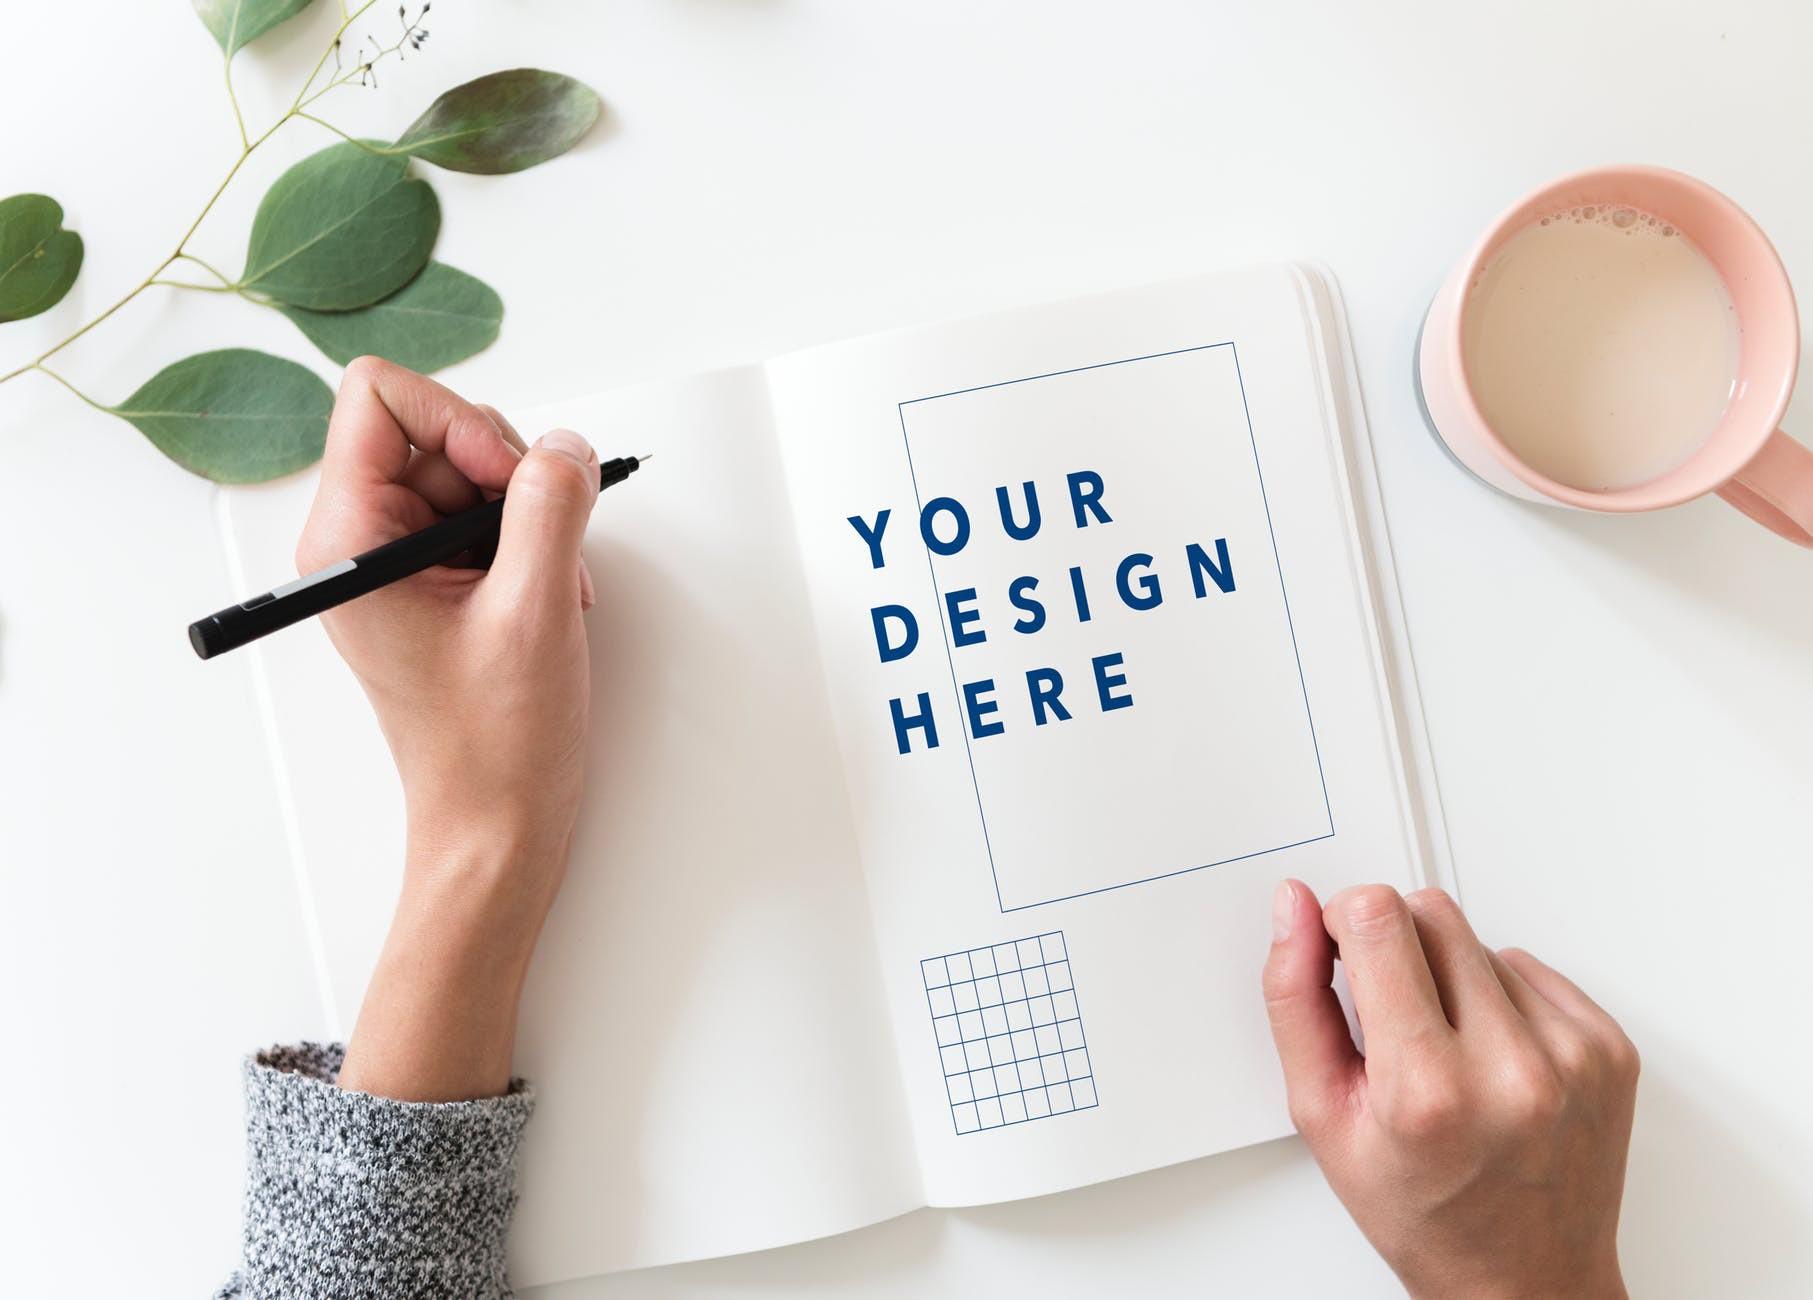 Bagaimana Cara Agar Mudah Menguasai Desain Grafis?